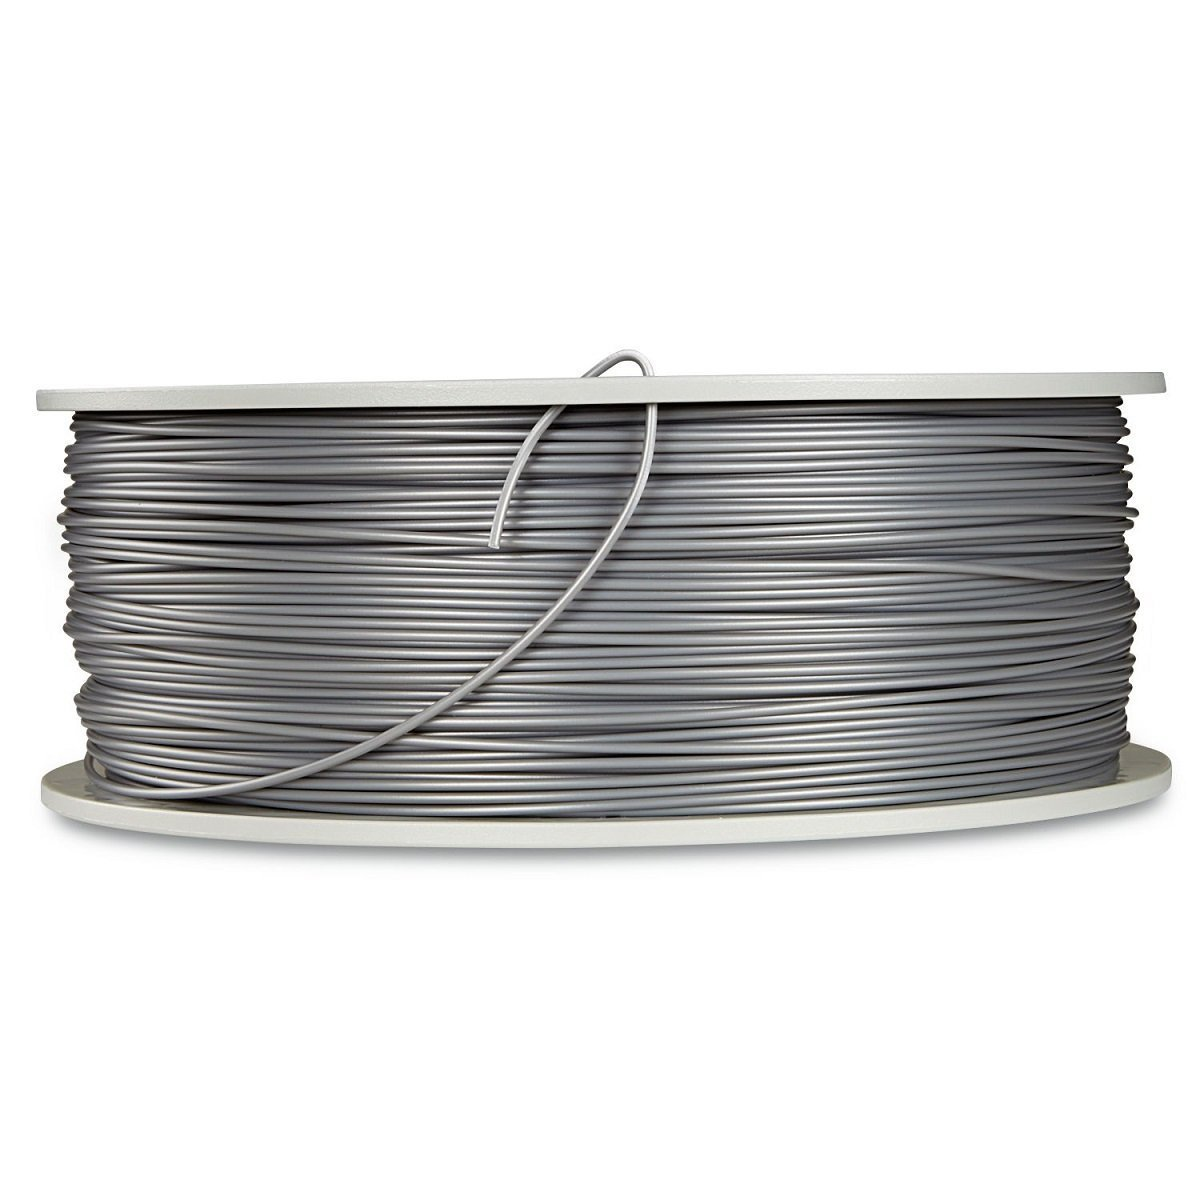 Verbatim 3D Printer ABS 1.75mm Filament - 1kg Reel (Silver) image